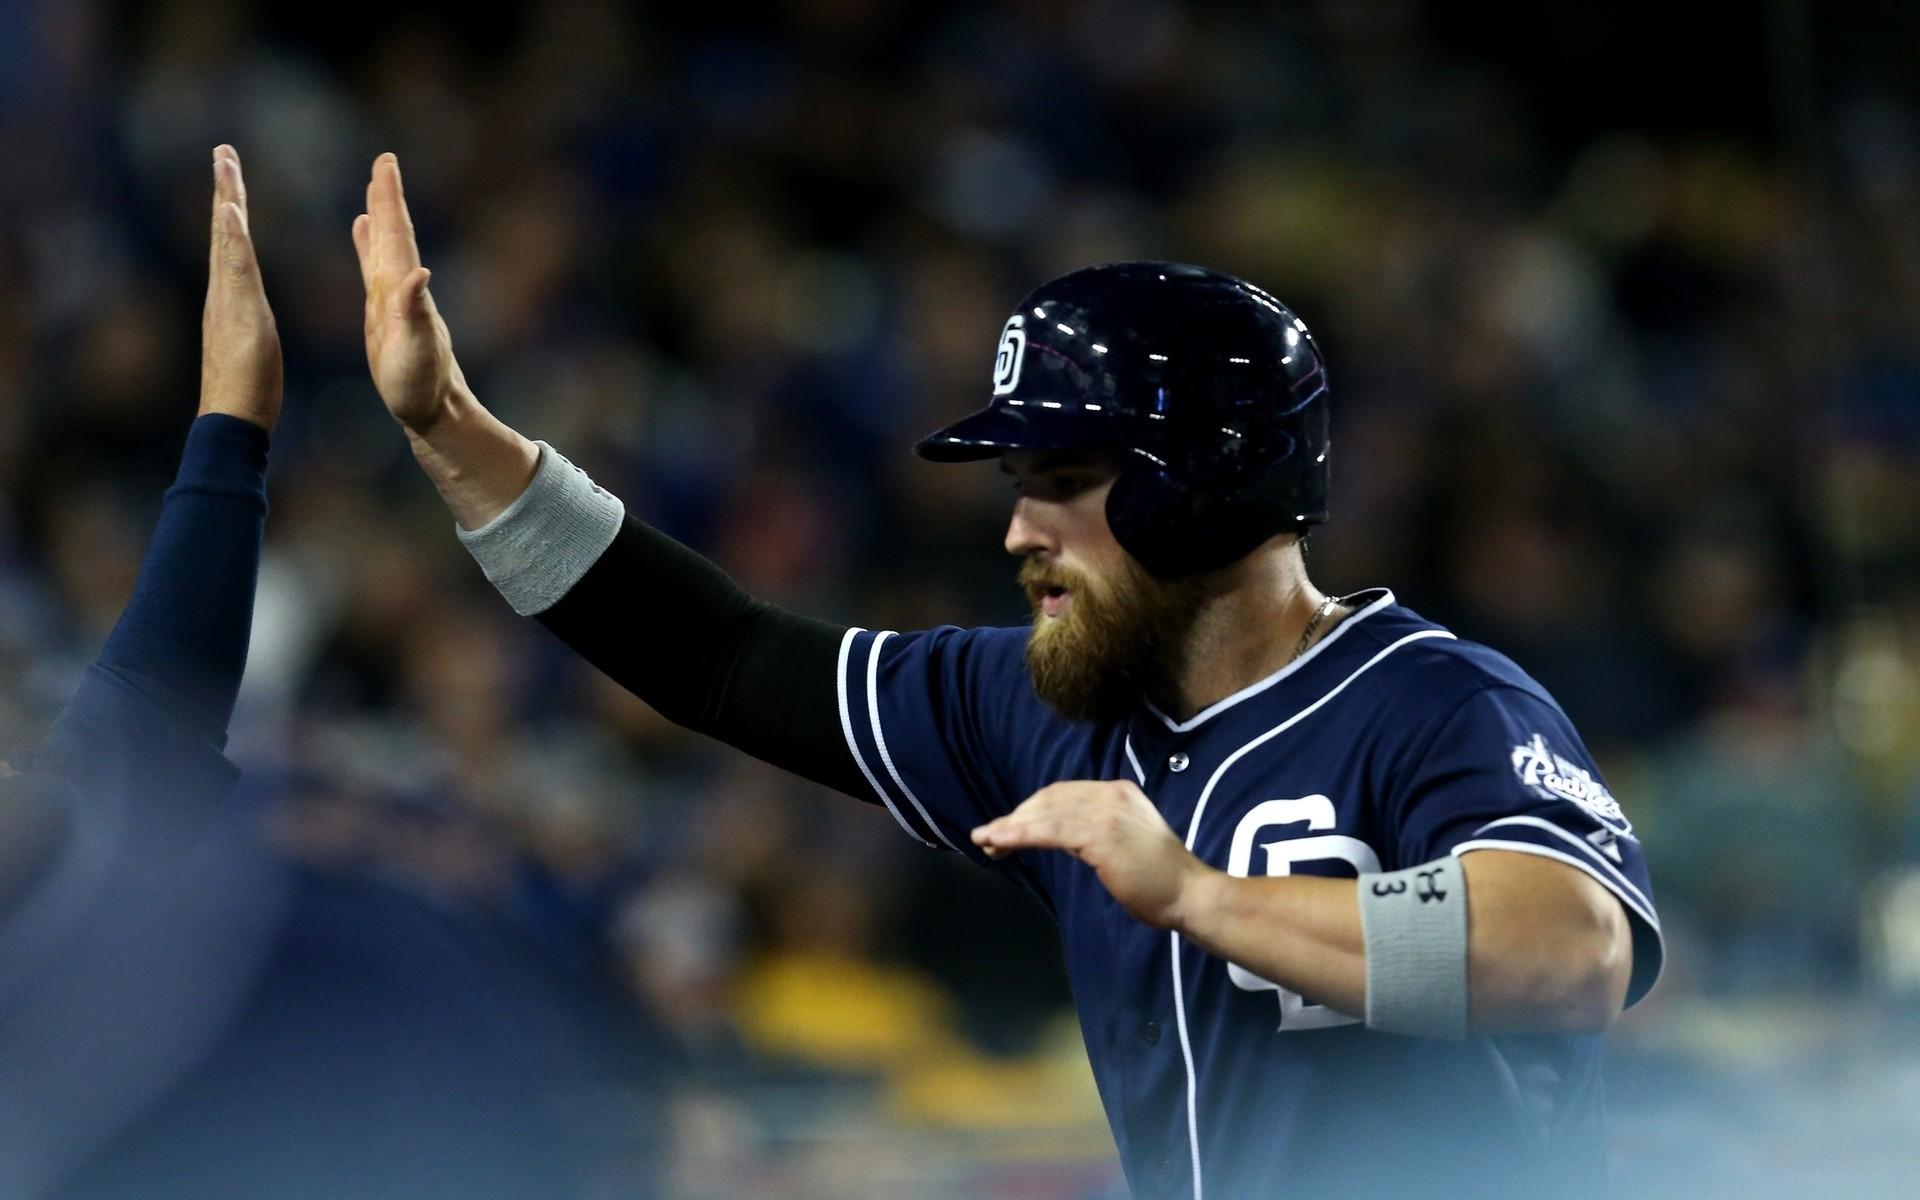 Mlb, Baseball Players, Baseball, Sports, San Diego Padres, San Diego Padres